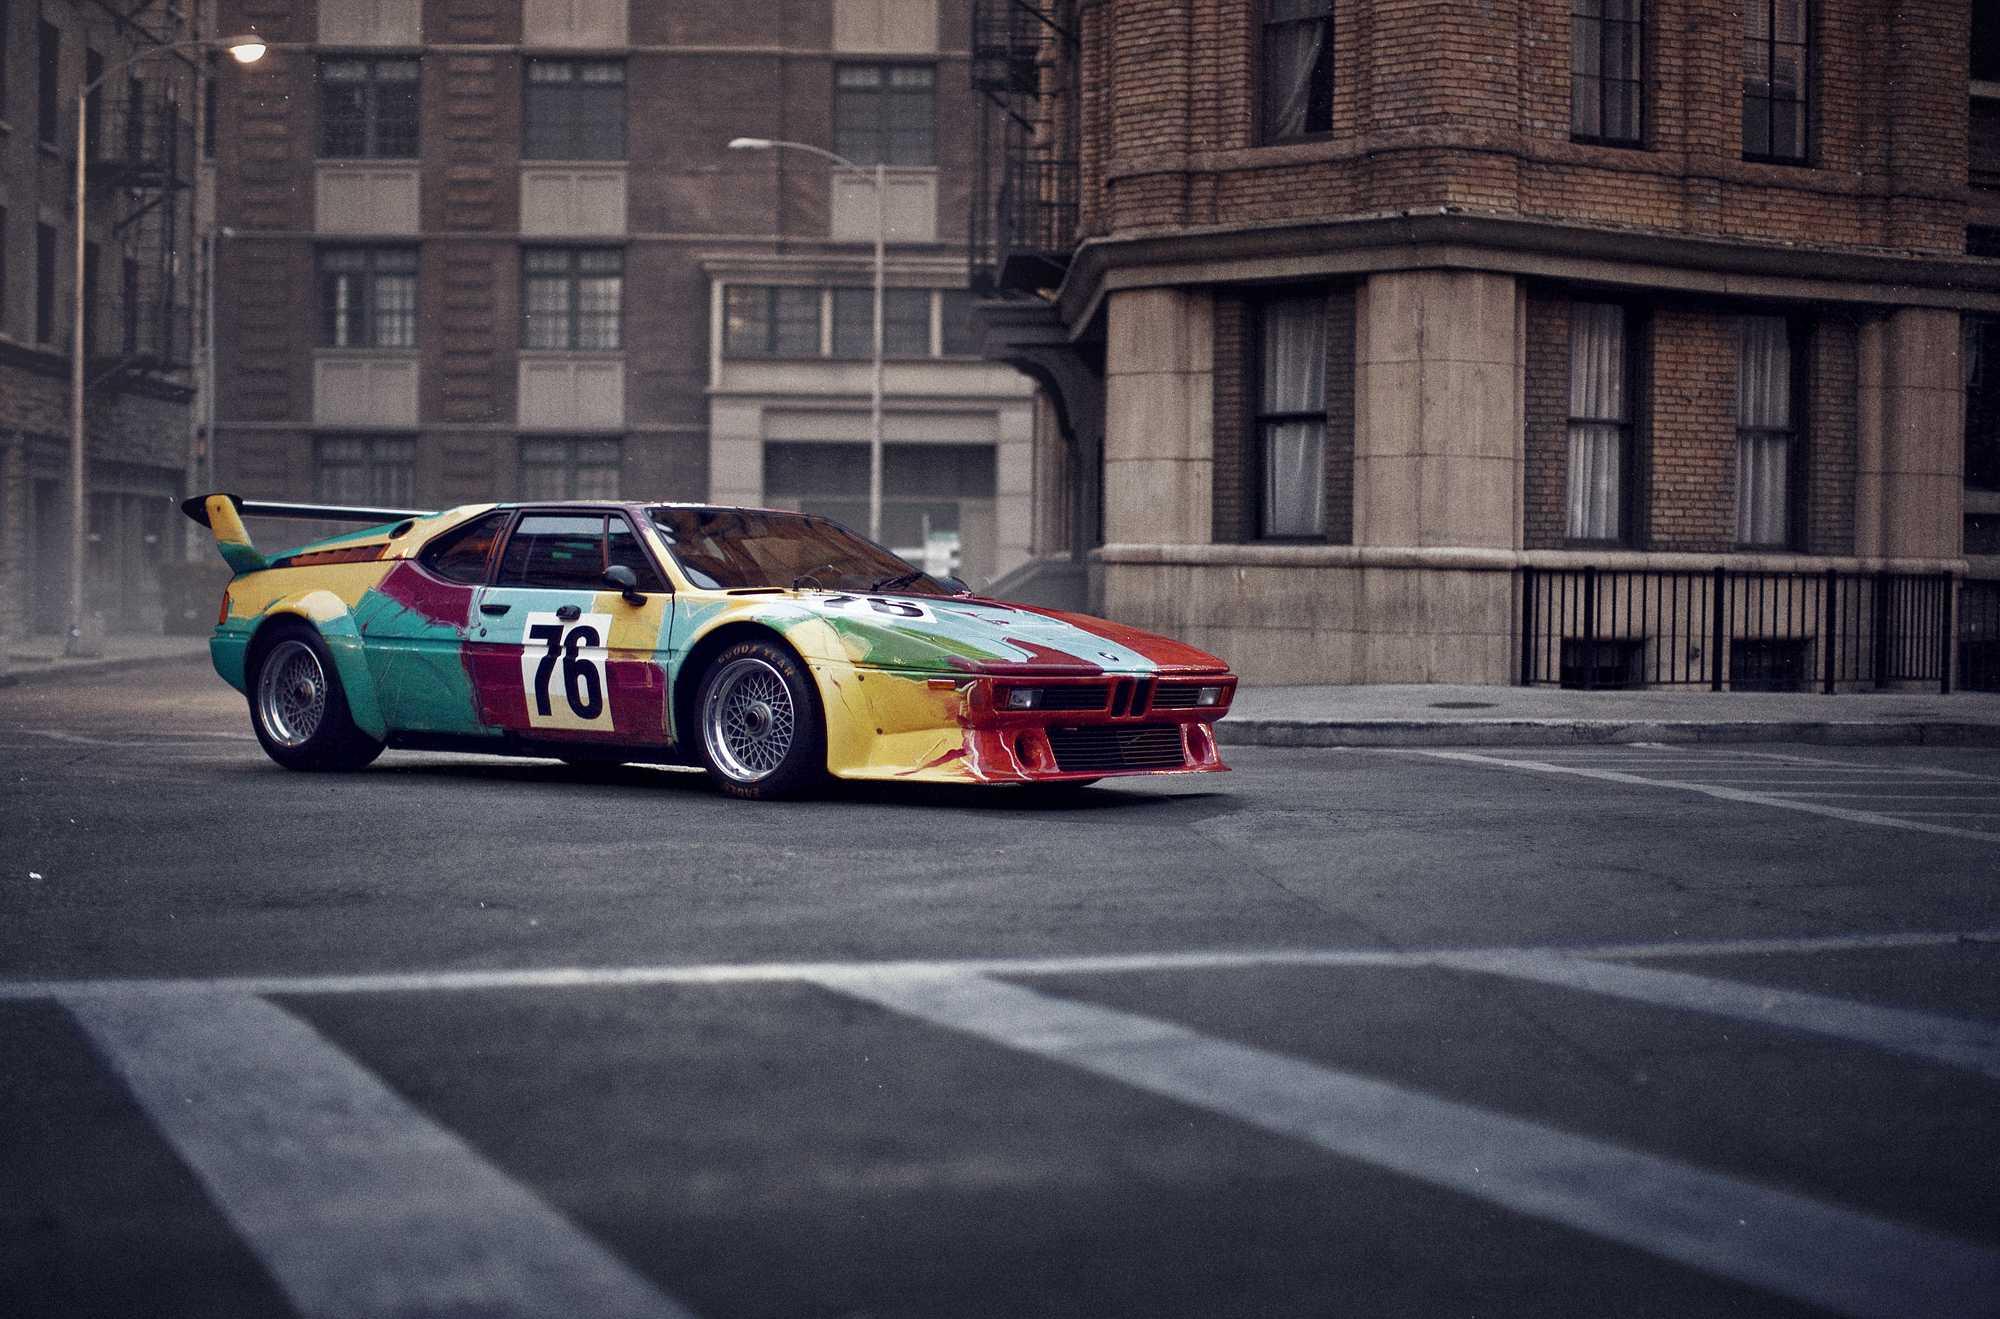 Andy Warhol : BMW M1 1979 (6e aux 24h du Mans) BMW M1 1979, moteur 6 cylindres en ligne, vitesse maximale 307 km/h_ © copyright fournies par BMW et Artcurial Motorcars.